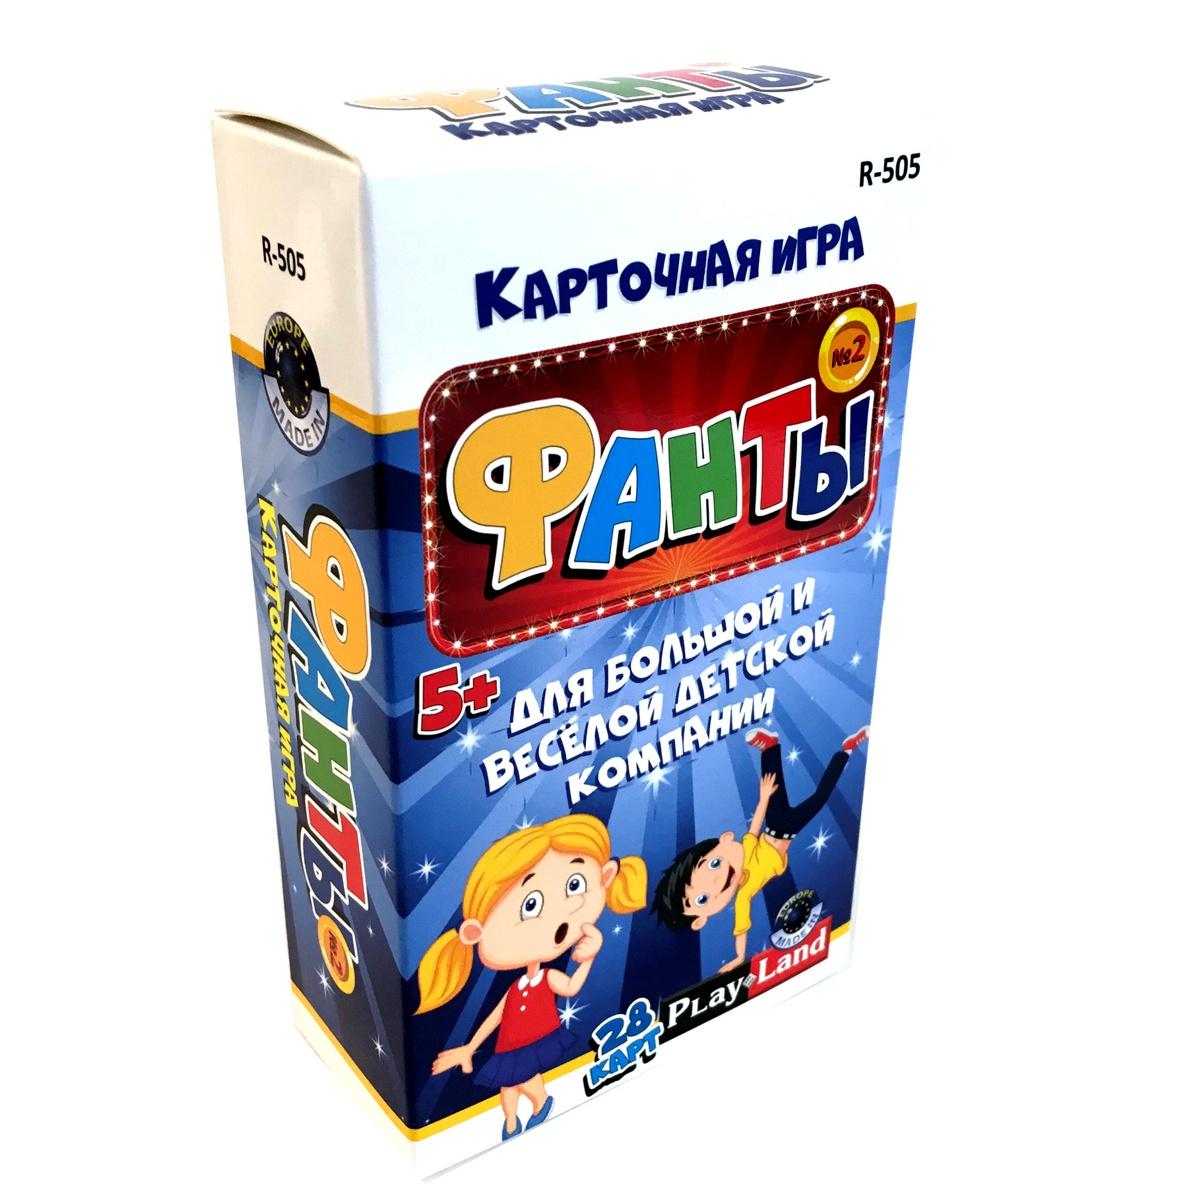 Карточная игра Фанты №2 карточная игра фанты